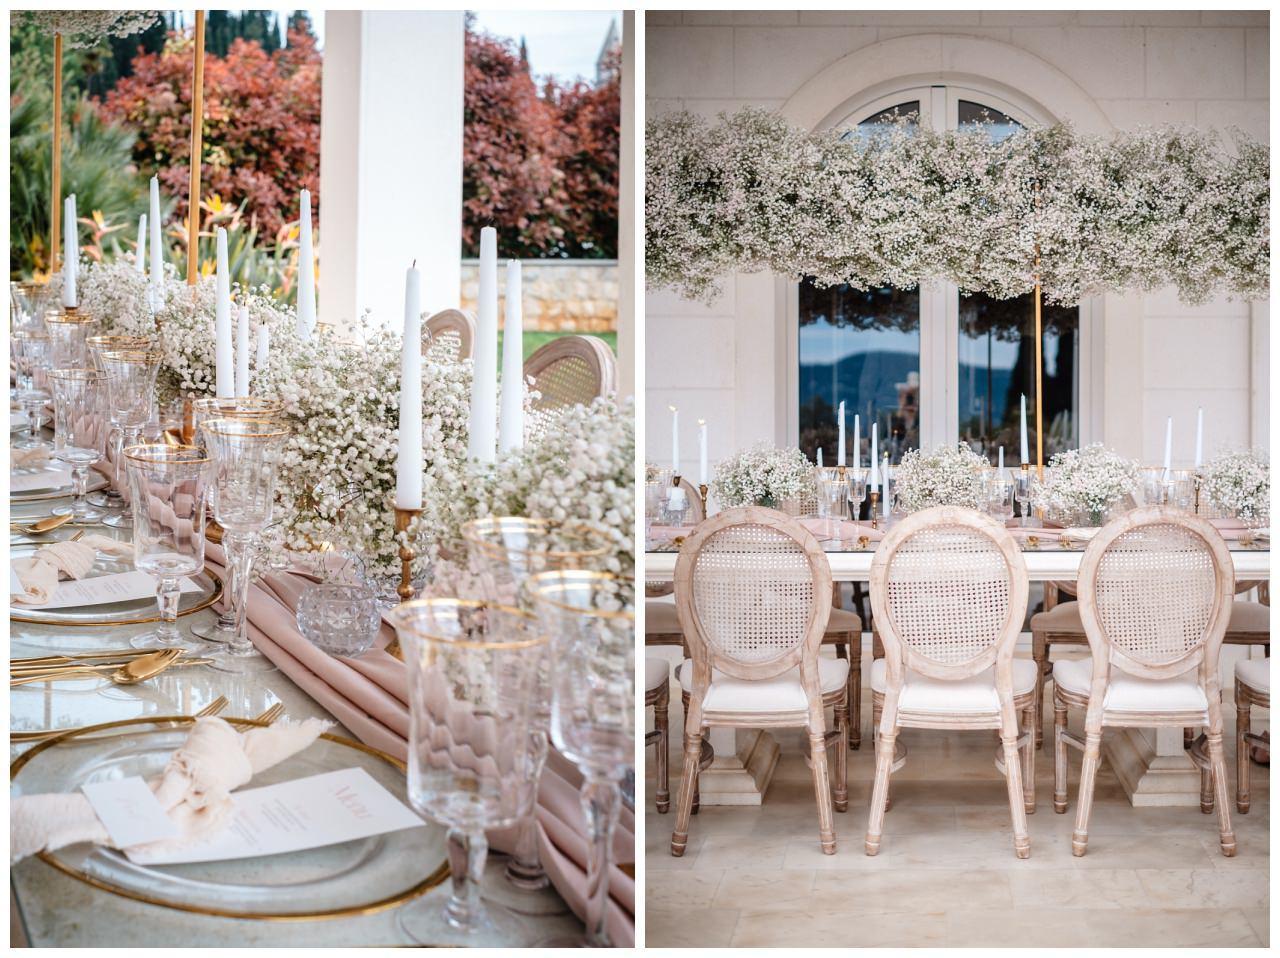 Hochzeit Villa Kroatien Hochzeitsplanung Fotograf 19 - Romantische Hochzeit in einer Villa